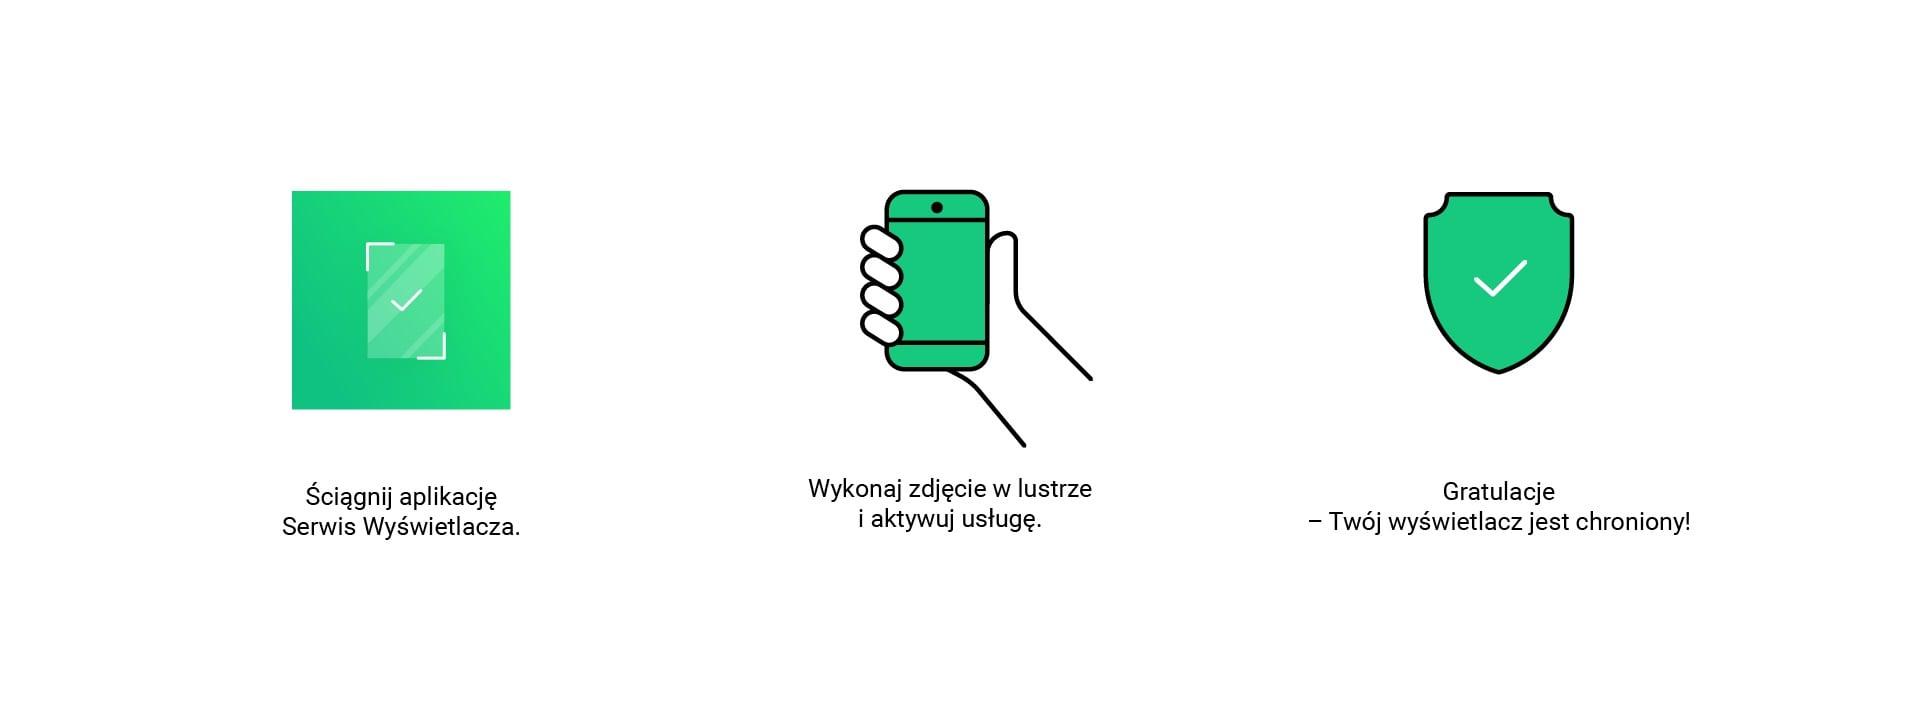 Tabletowo.pl Zrób selfie smartfonowi i ubezpiecz wyświetlacz bez wychodzenia z domu - takie rzeczy tylko w Plusie Android Aplikacje GSM iOS Nowości Smartfony